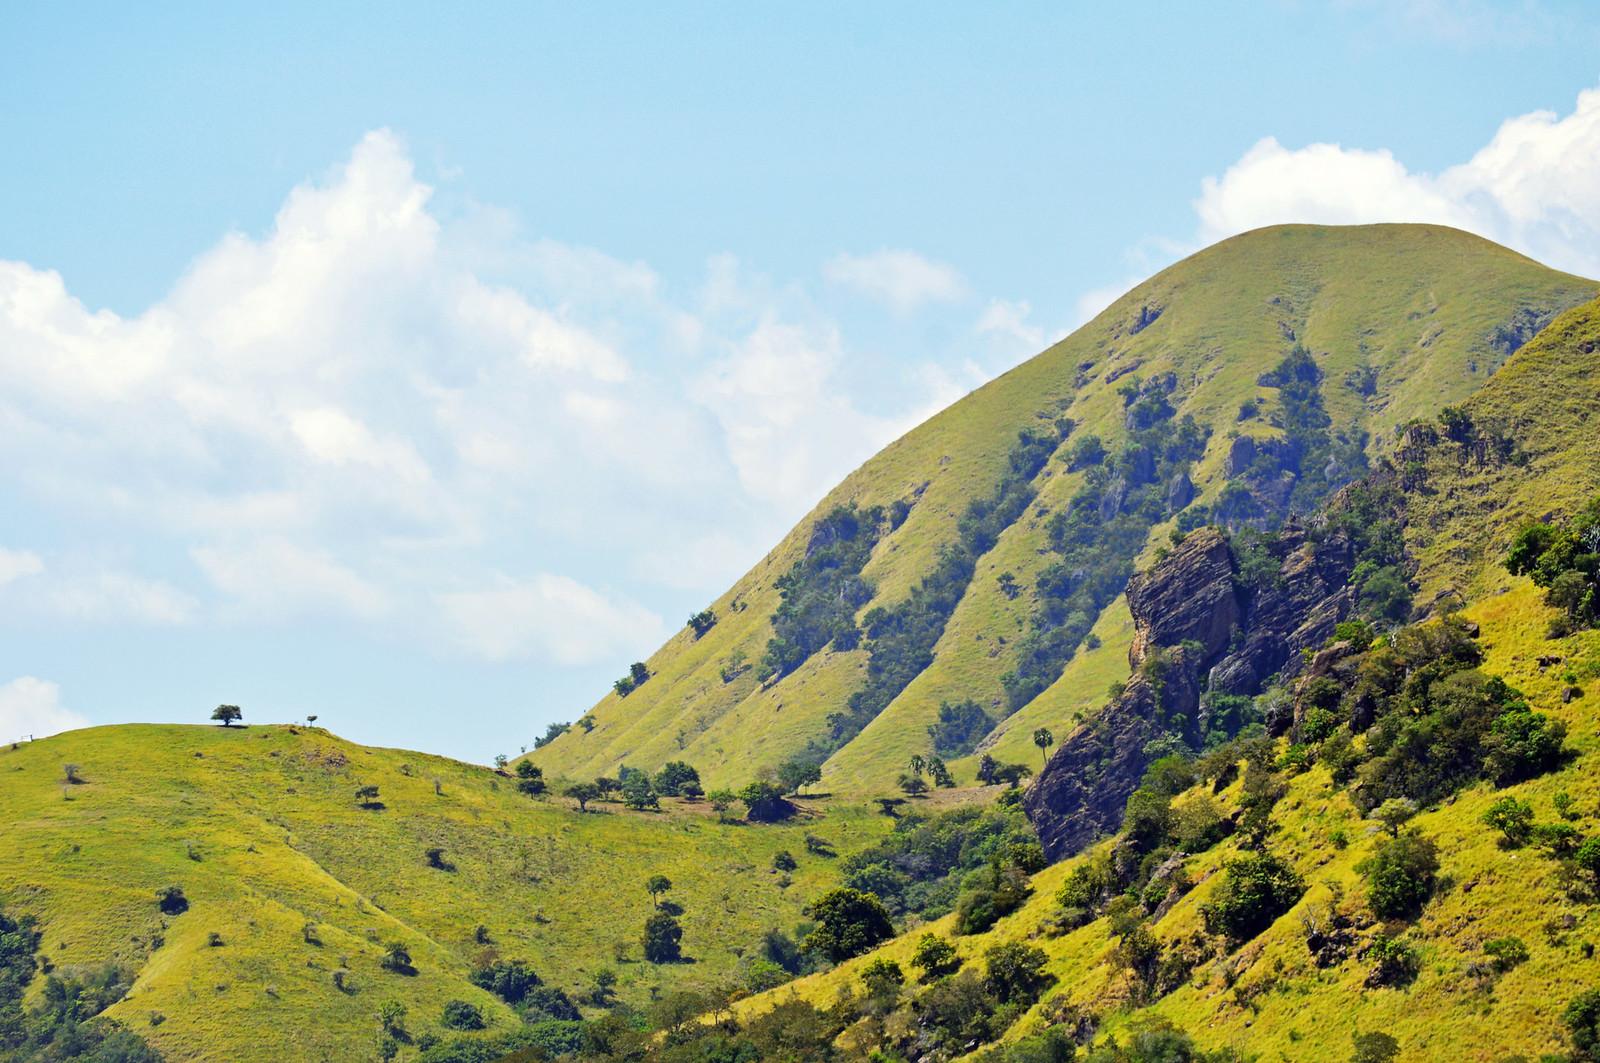 The landscape of Komodo National park.